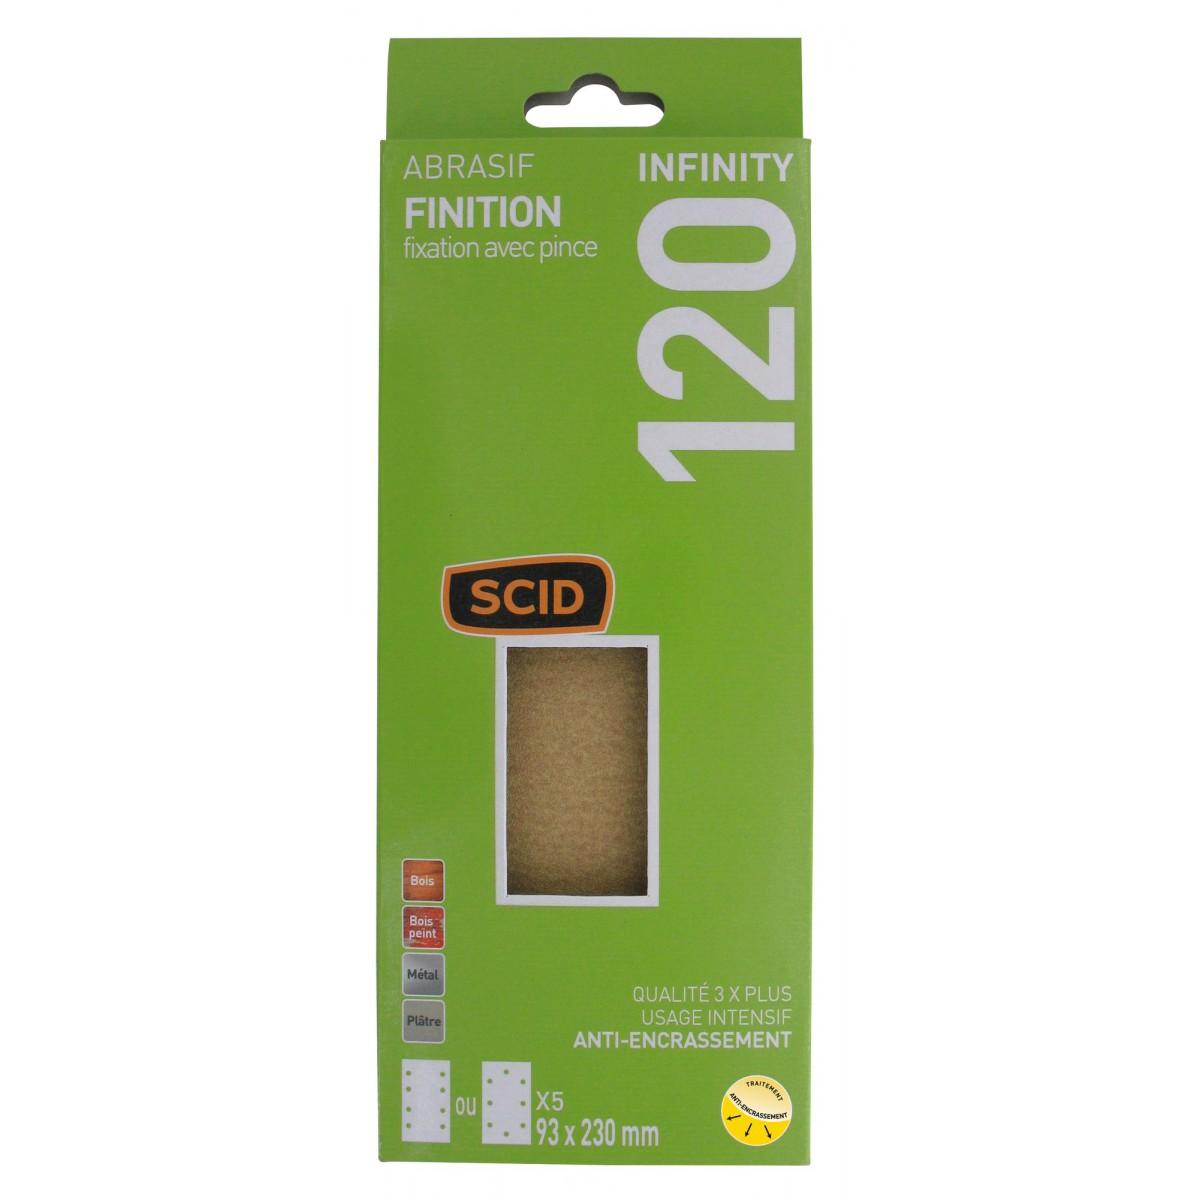 Patin fixation avec pince 93 x 230 mm SCID - Grain 120 - Vendu par 5